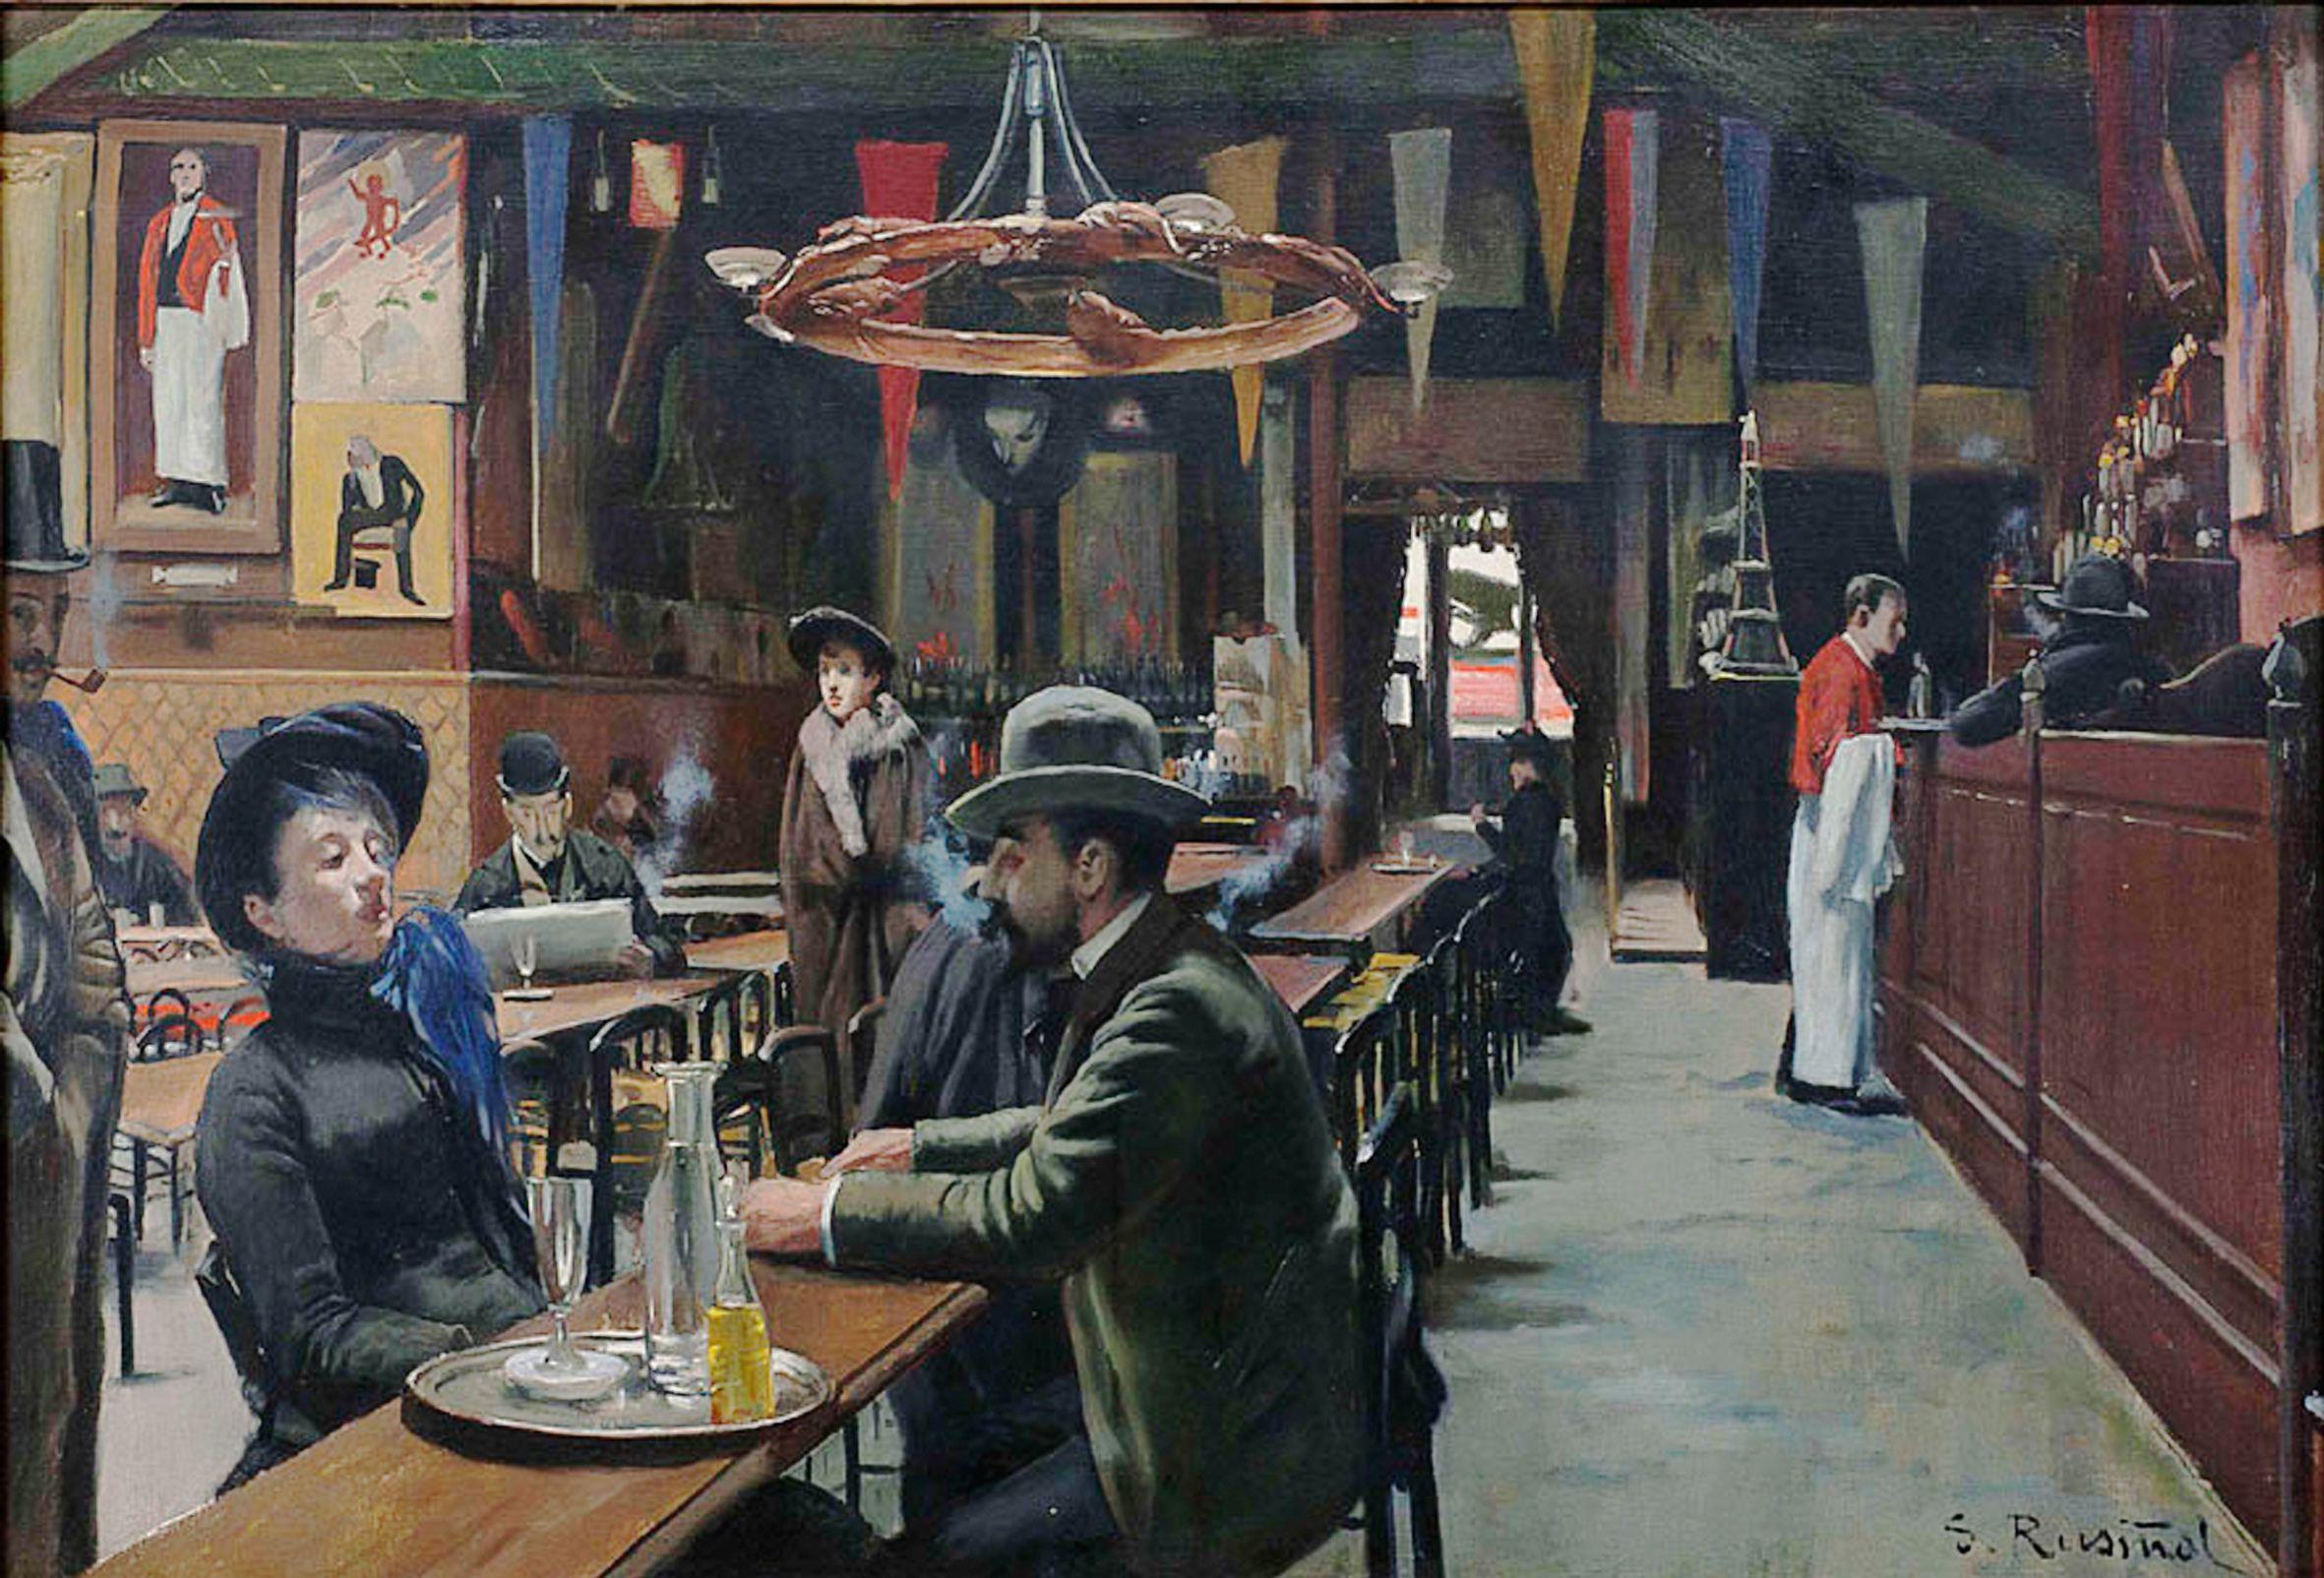 Café des Incohérents, Montmartre, 1890 par Santiago Rusinol (1861-1931)